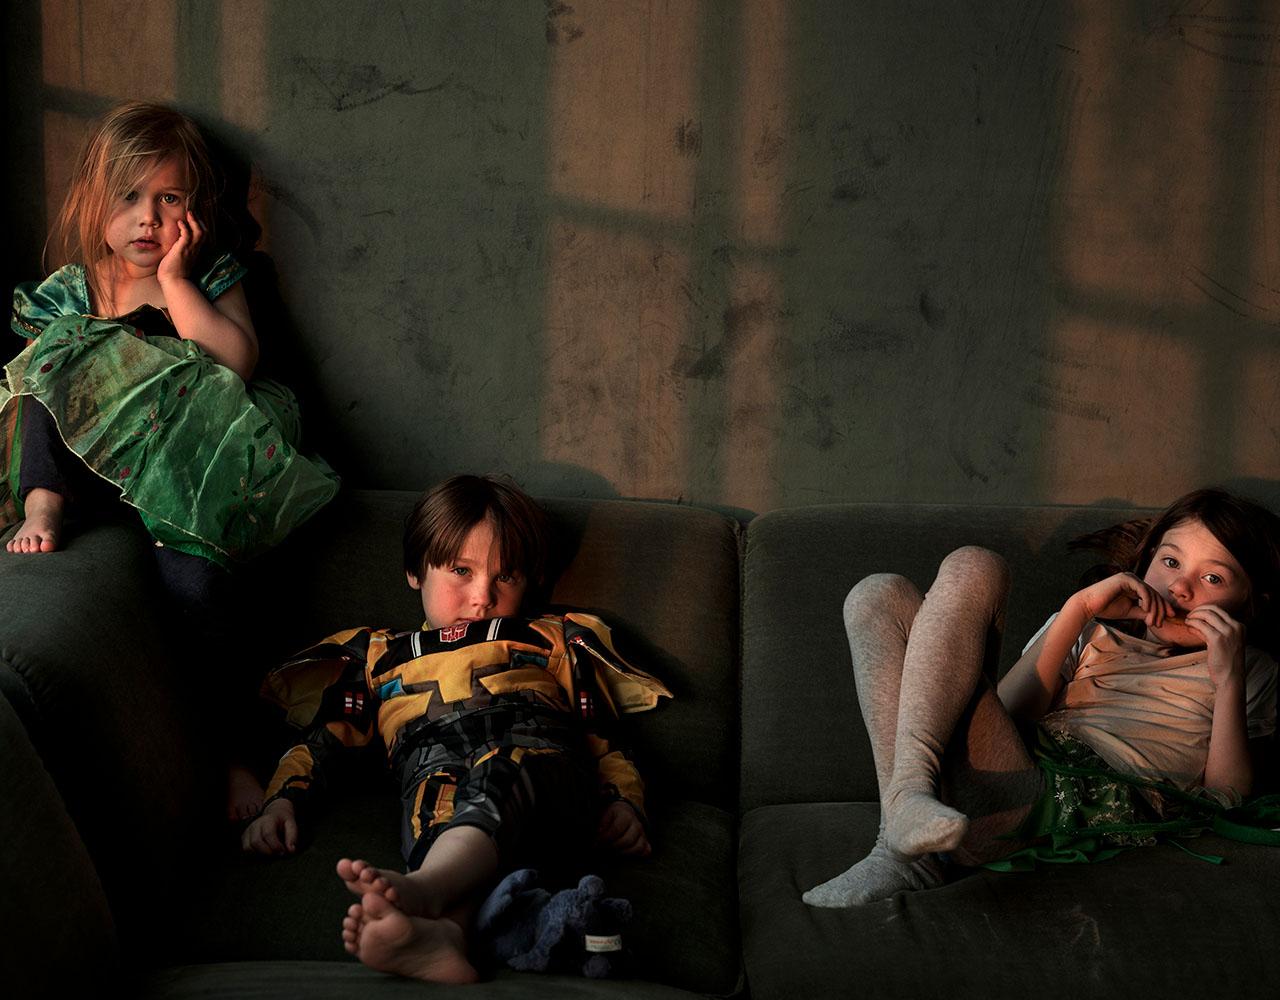 kinderen-op-de-bank-08-04-2019 by Frank Ruiter.